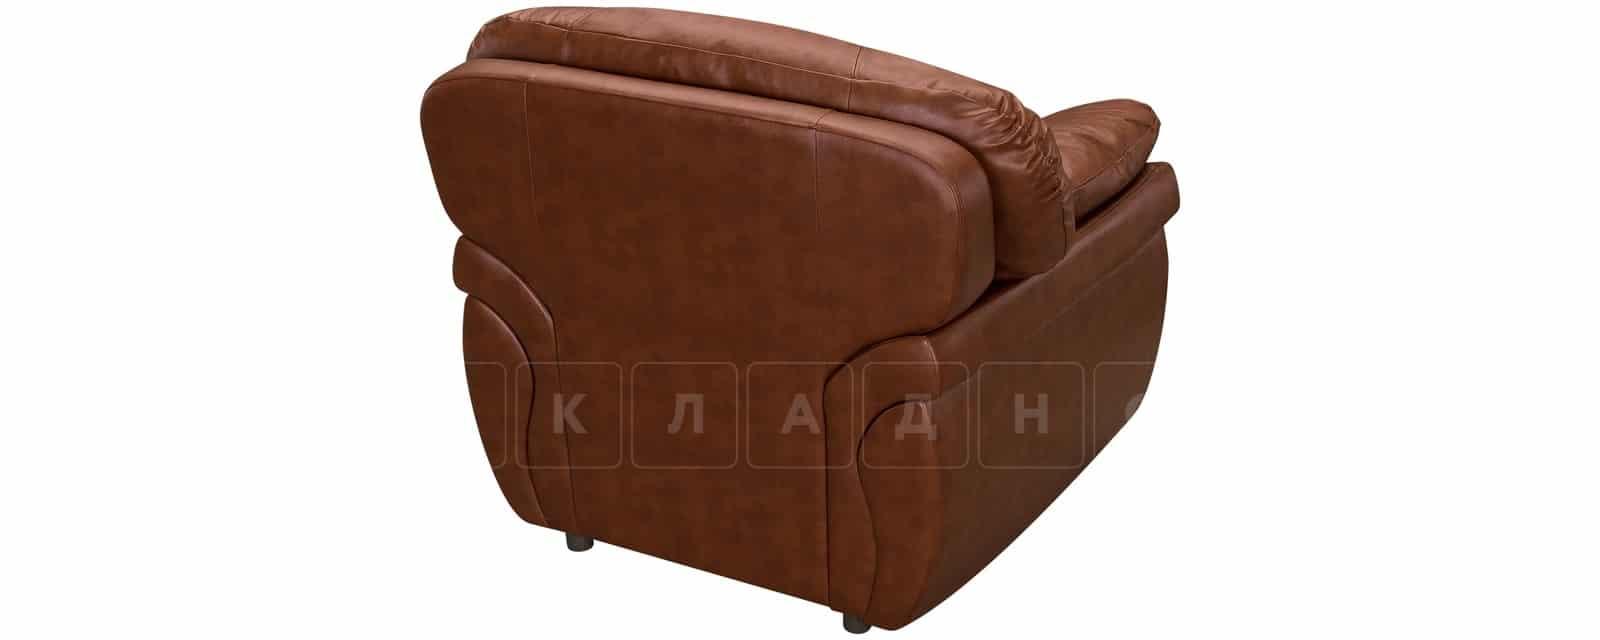 Кресло Бристоль кожаное коричневого цвета фото 3 | интернет-магазин Складно